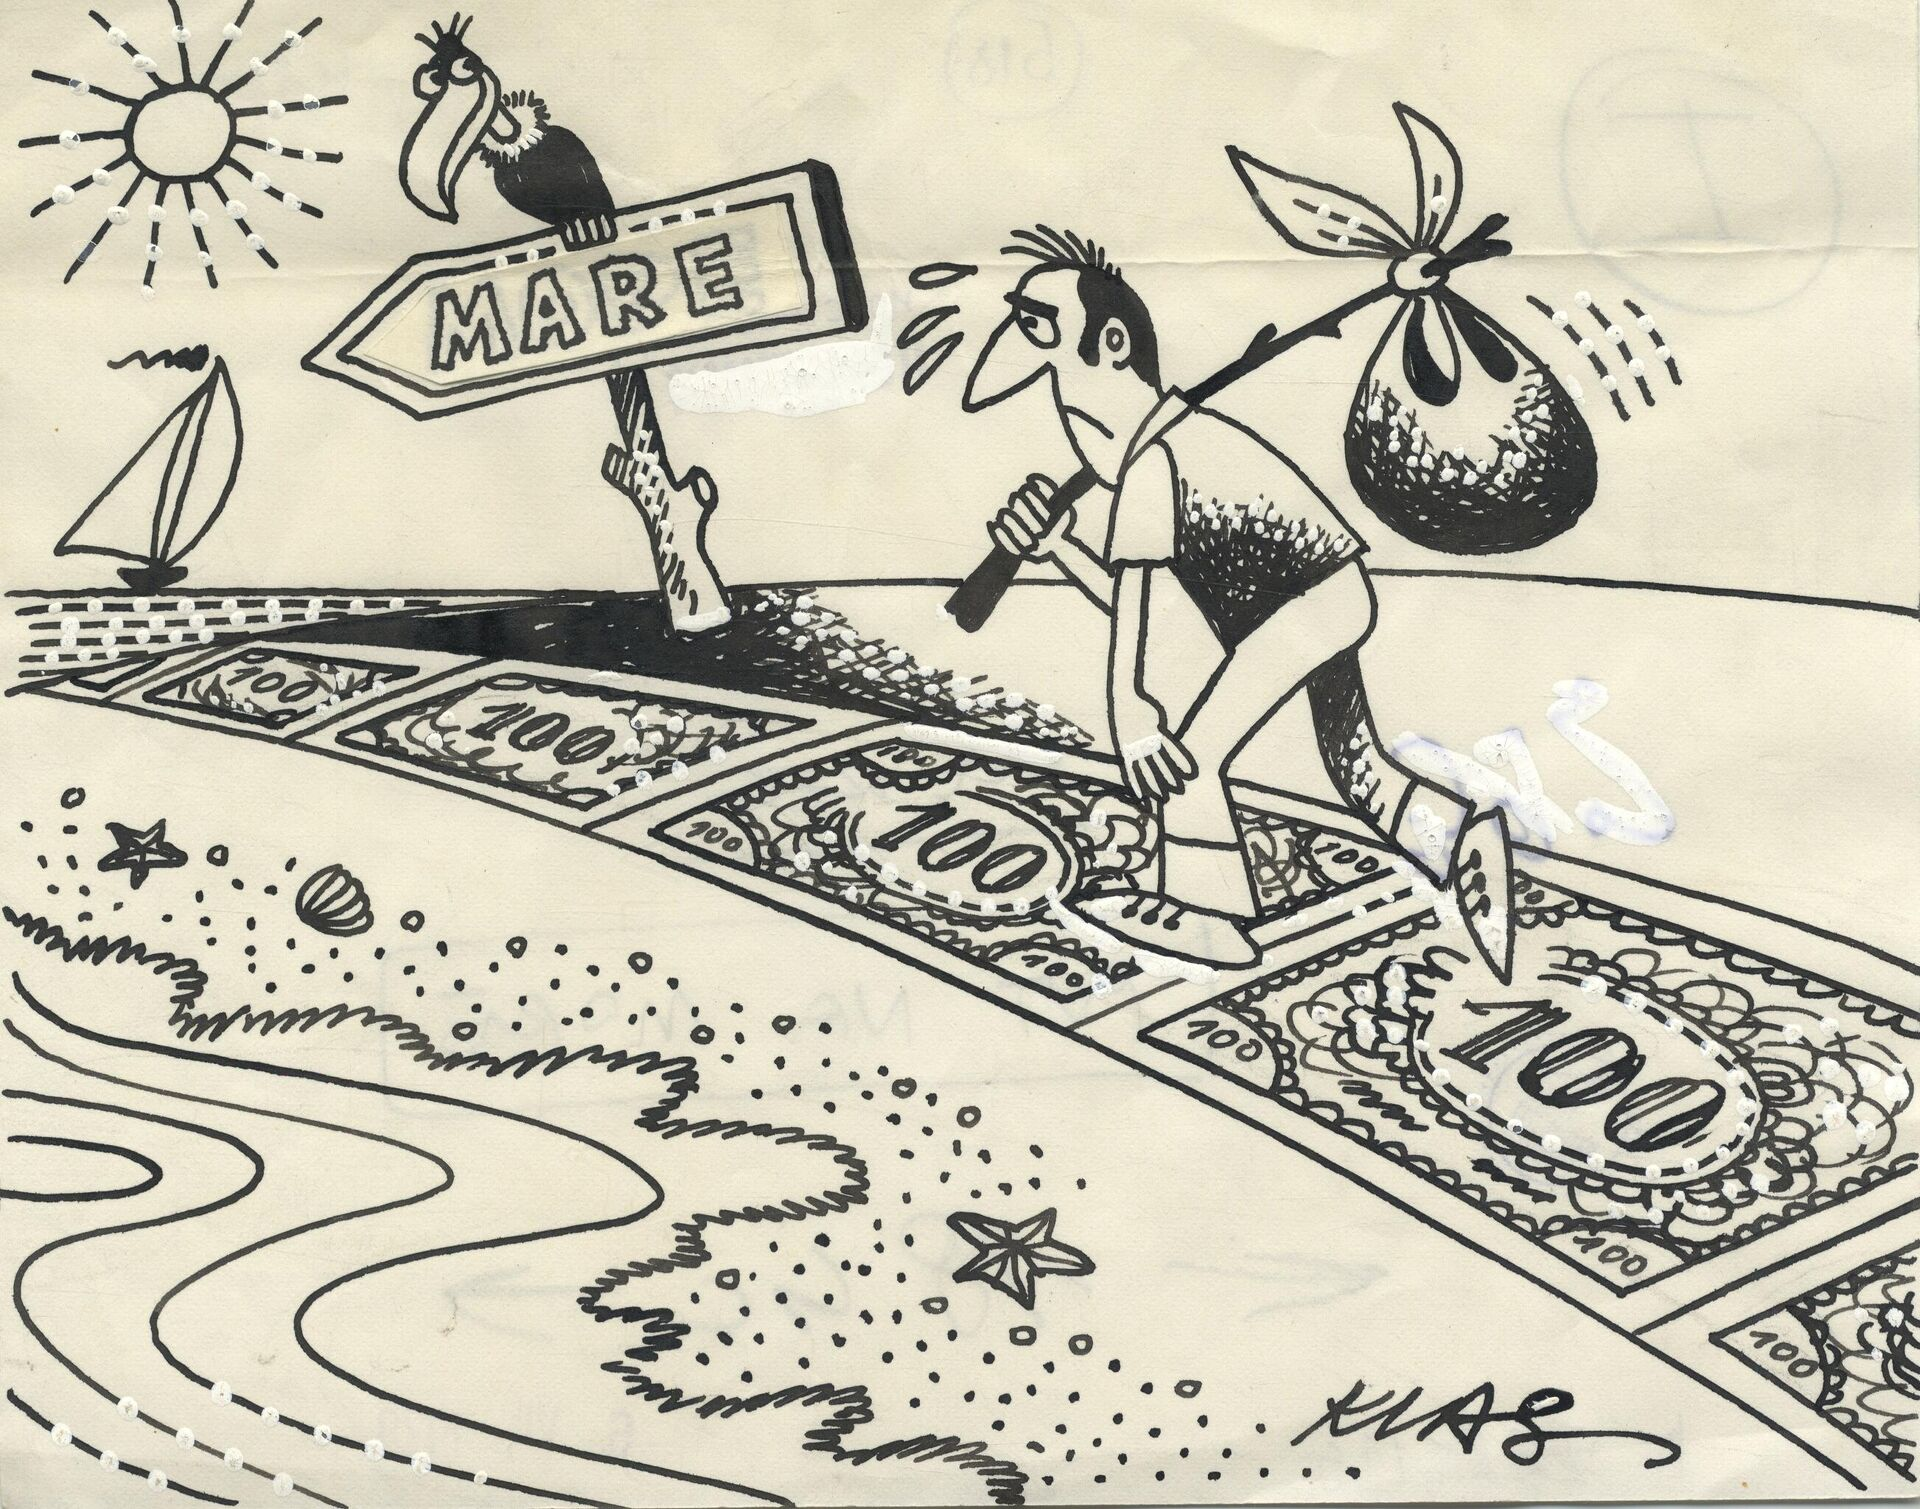 Александар Клас - Карикатура (Илустрована политика) - Sputnik Србија, 1920, 07.10.2021